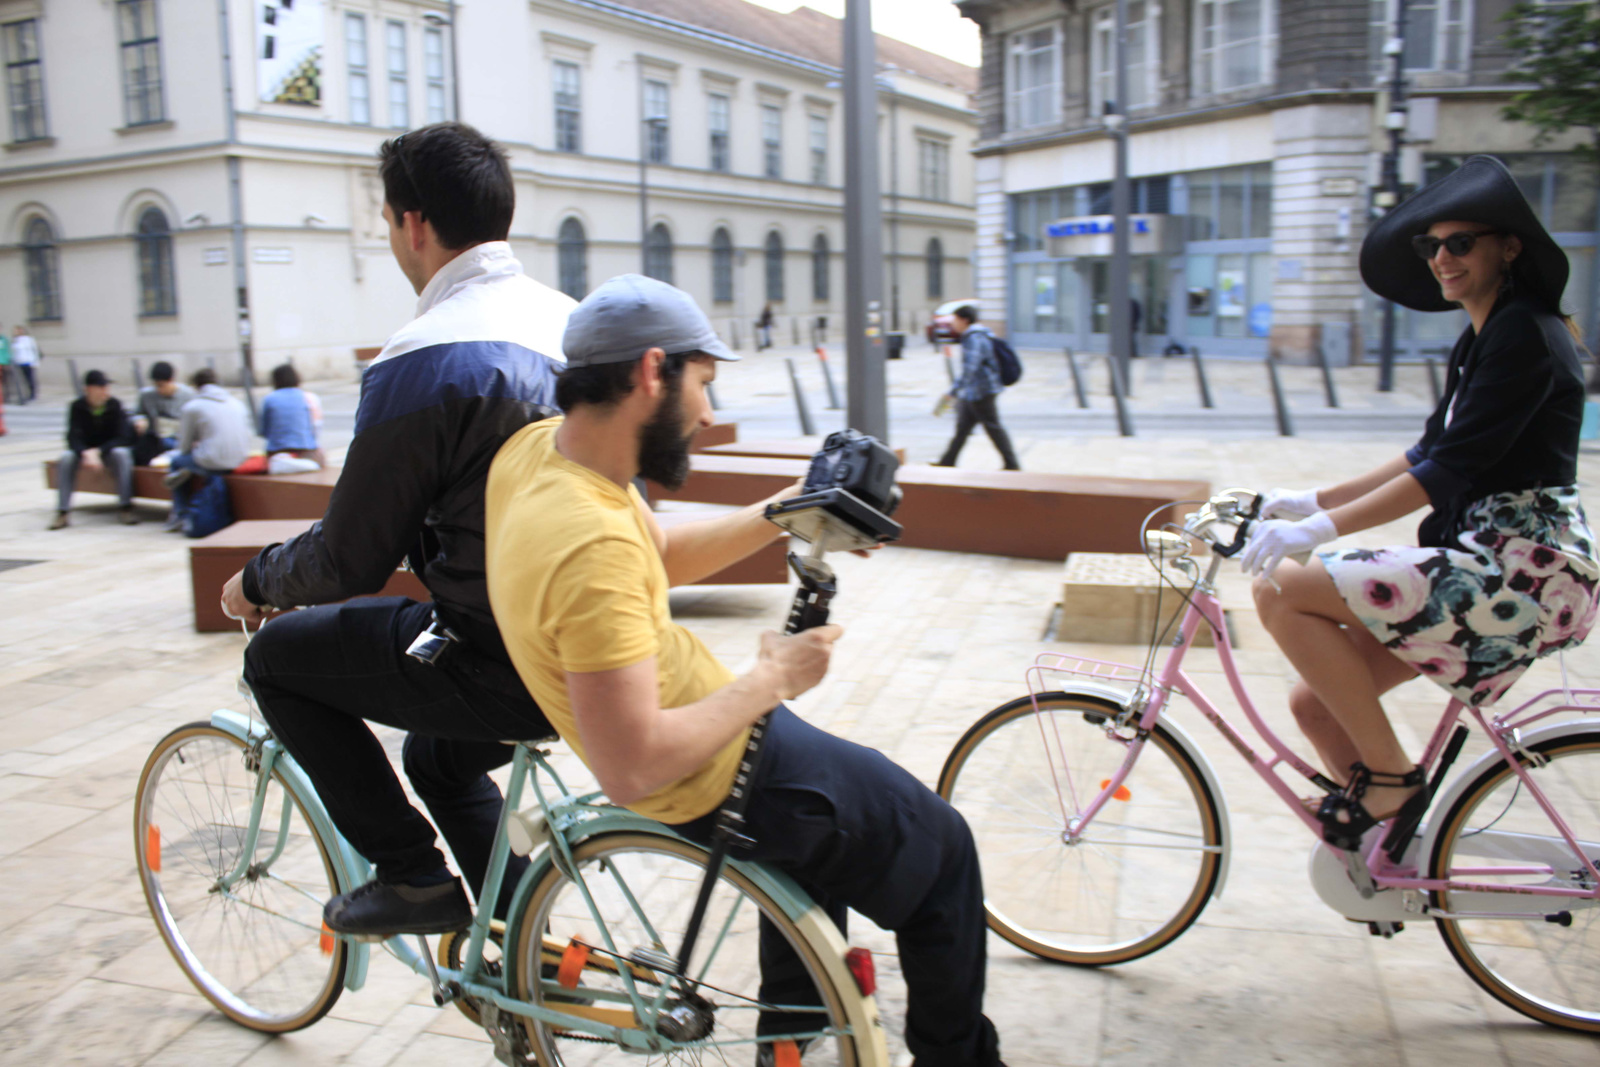 I love Budapest. I bike Budapest.